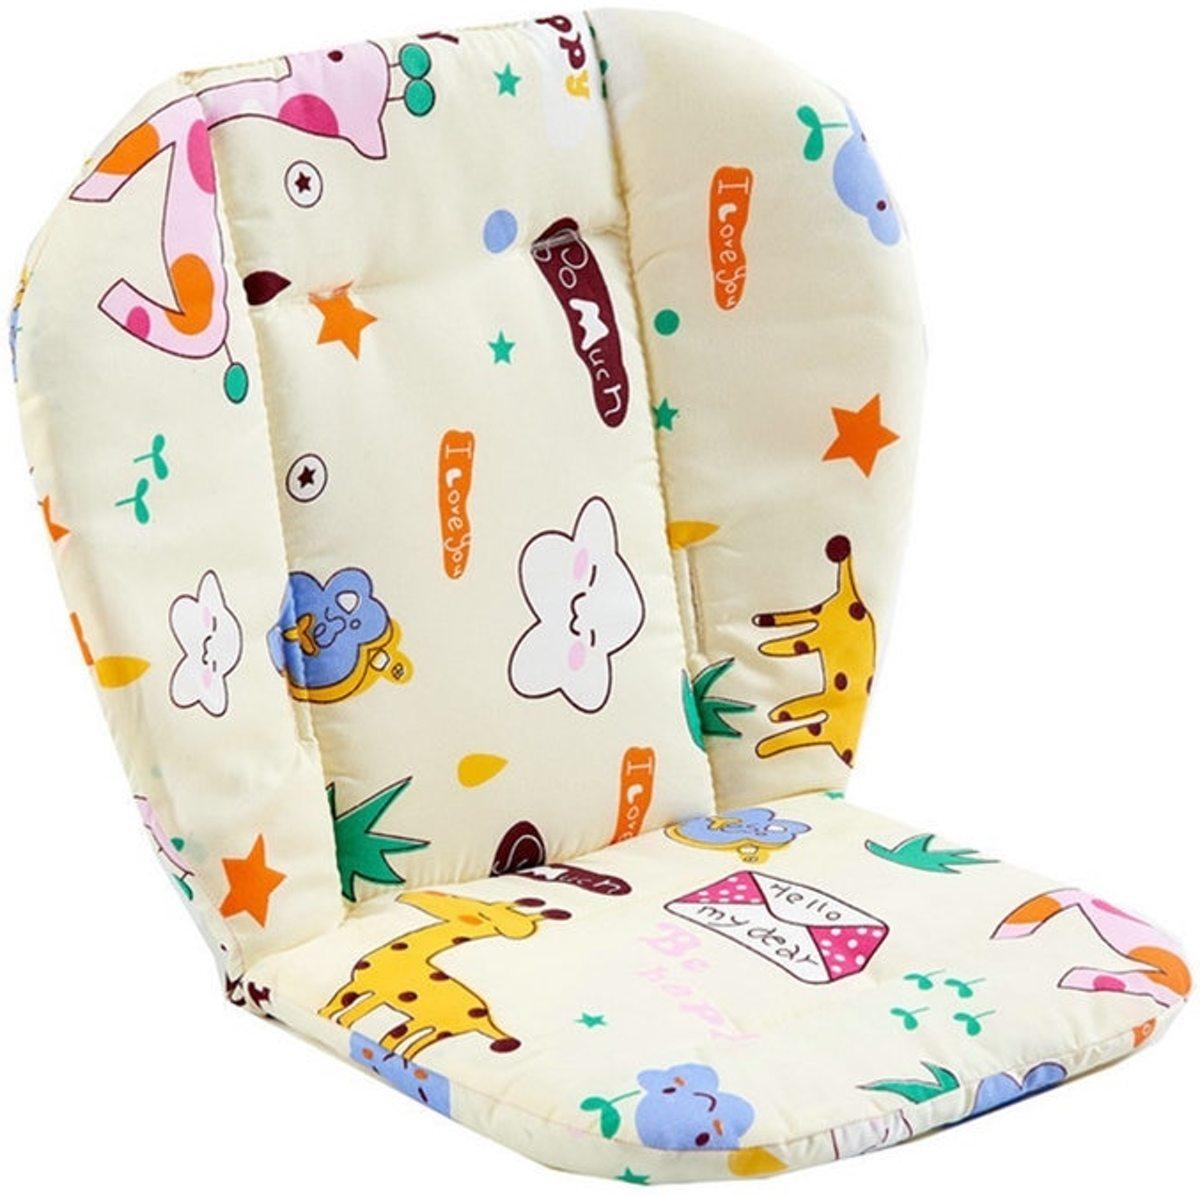 Stoelverkleiner Voor Meegroeistoel.Baby Stoelverkleiner Giraf Universeel Voor Autostoel Kinderstoel Of Maxi Cosi